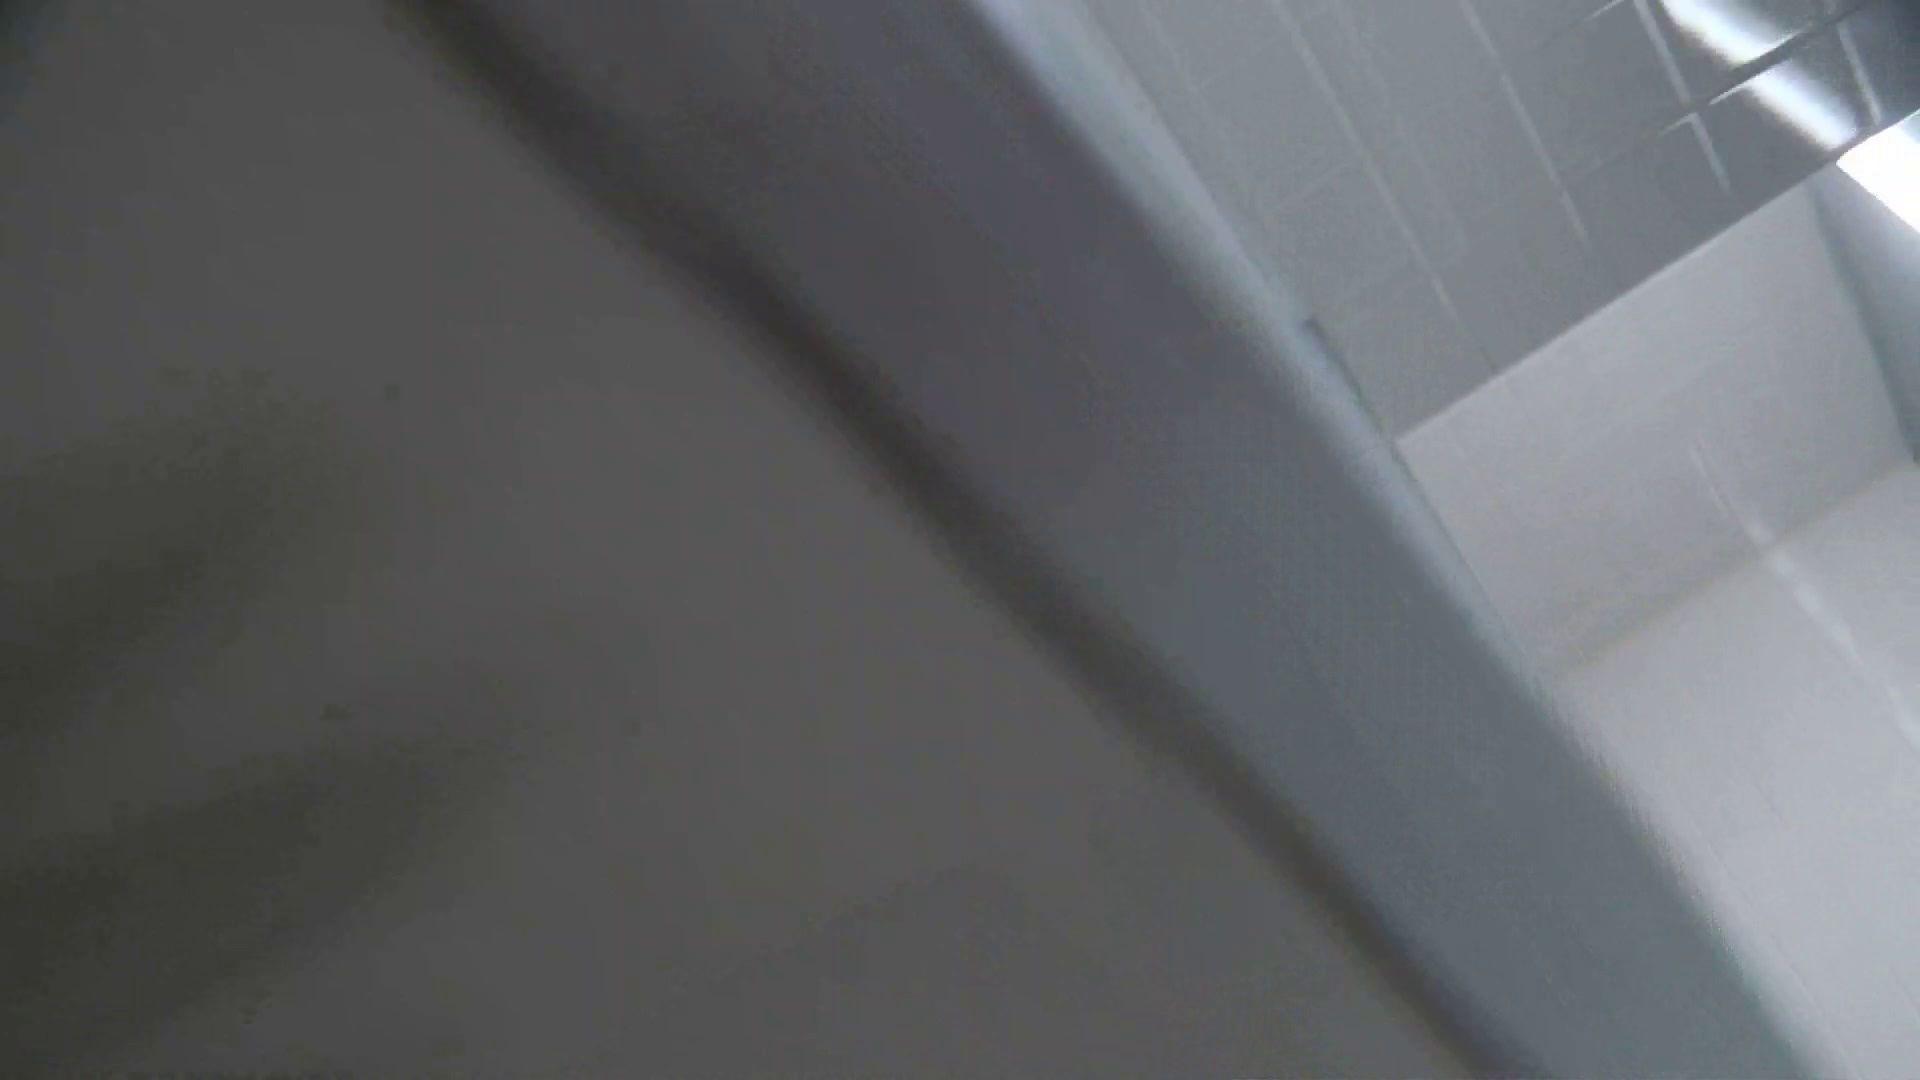 vol.09 命がけ潜伏洗面所! 残念!パンツについちゃいました。 潜入  46連発 24